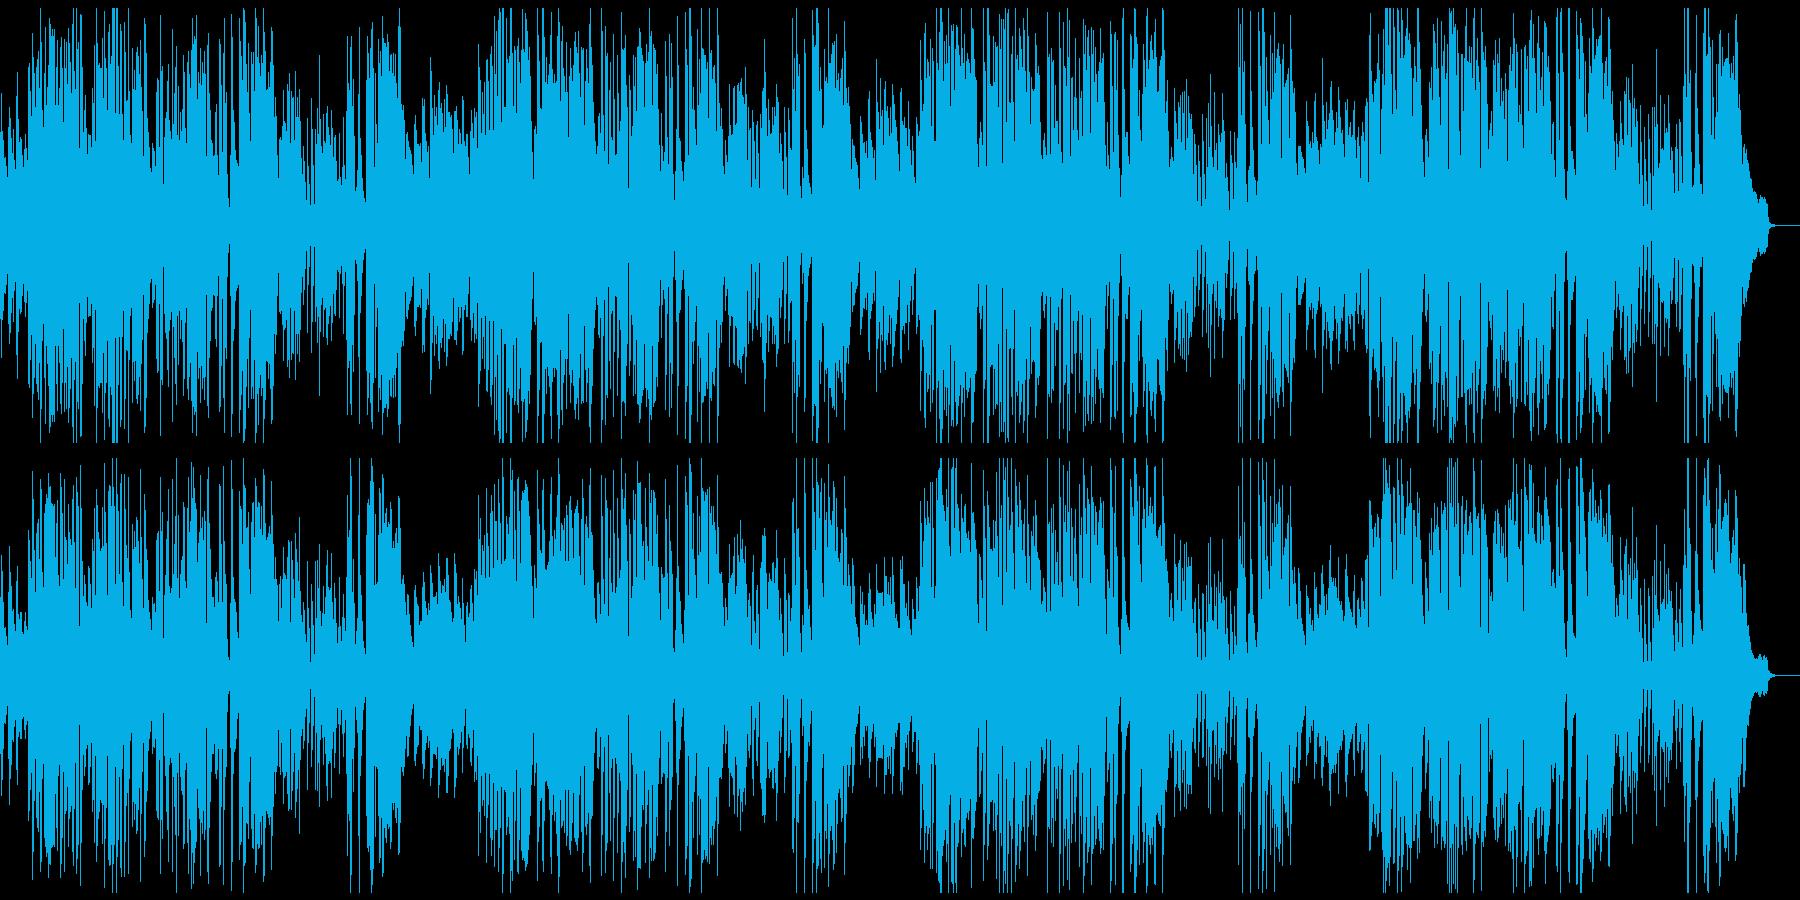 「大きな古時計」ピアノボーカル 英語歌詞の再生済みの波形